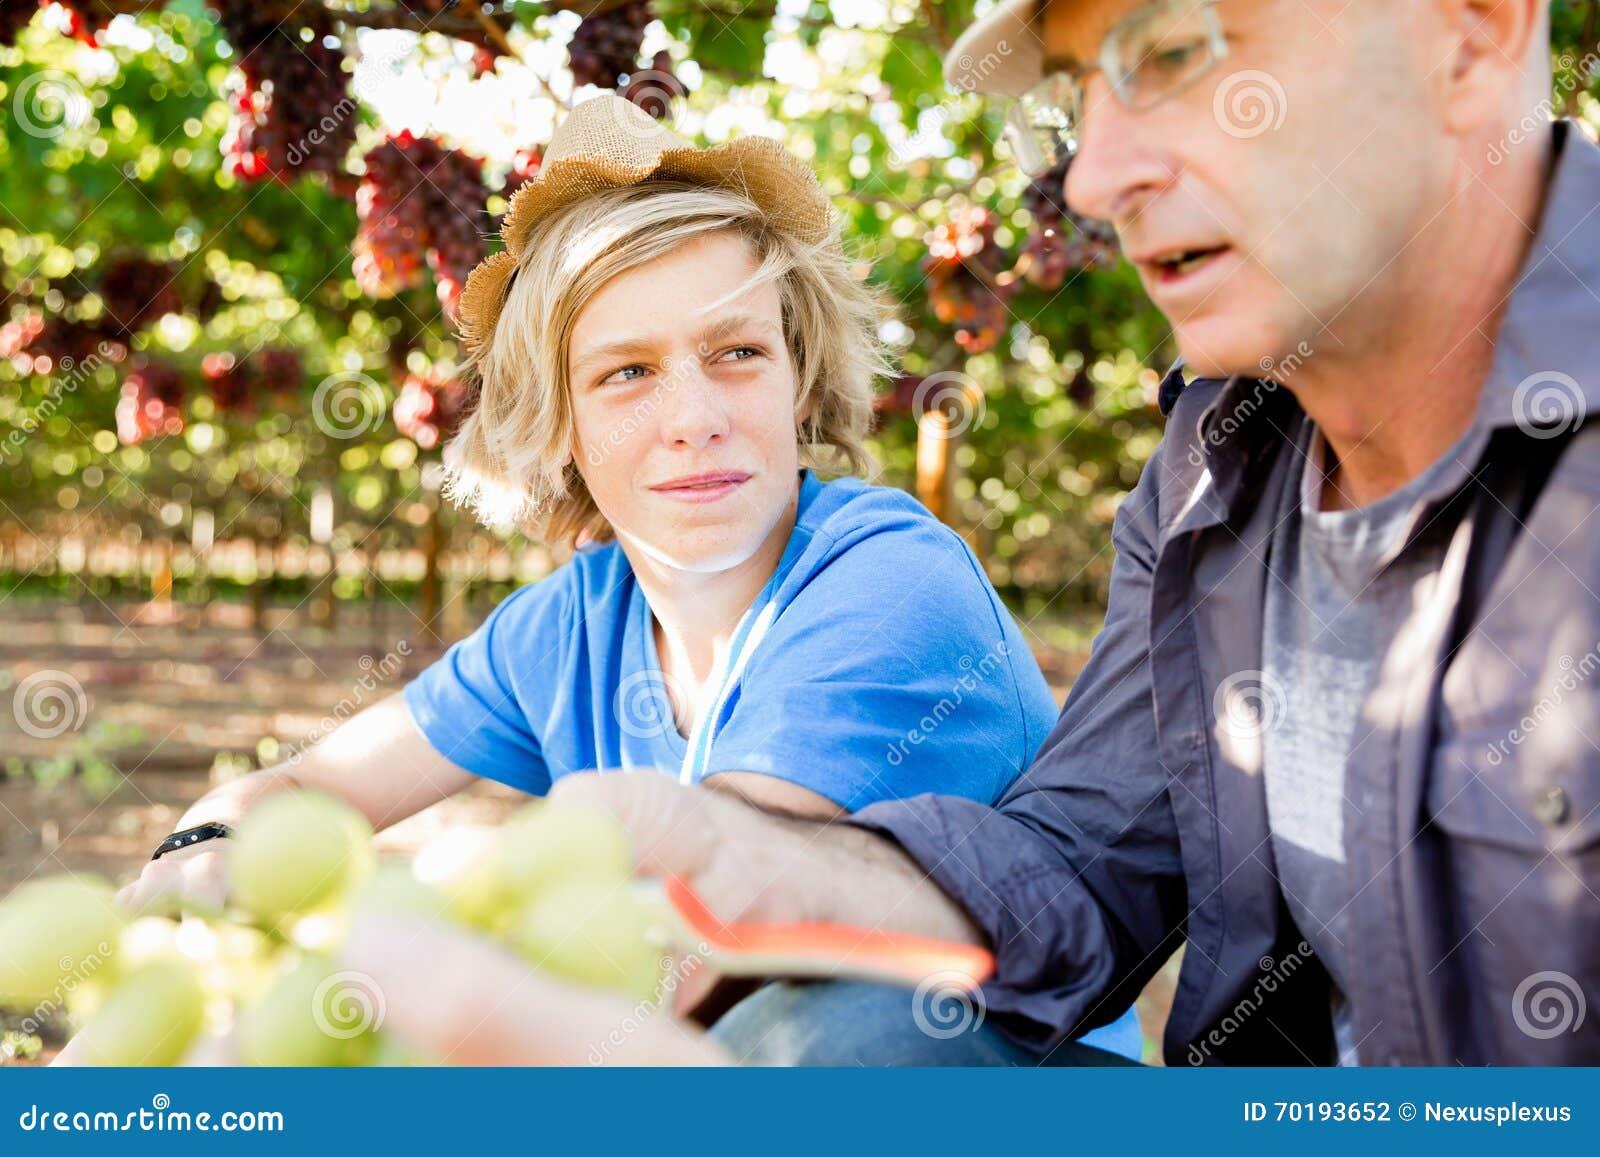 Fader och son i vingård